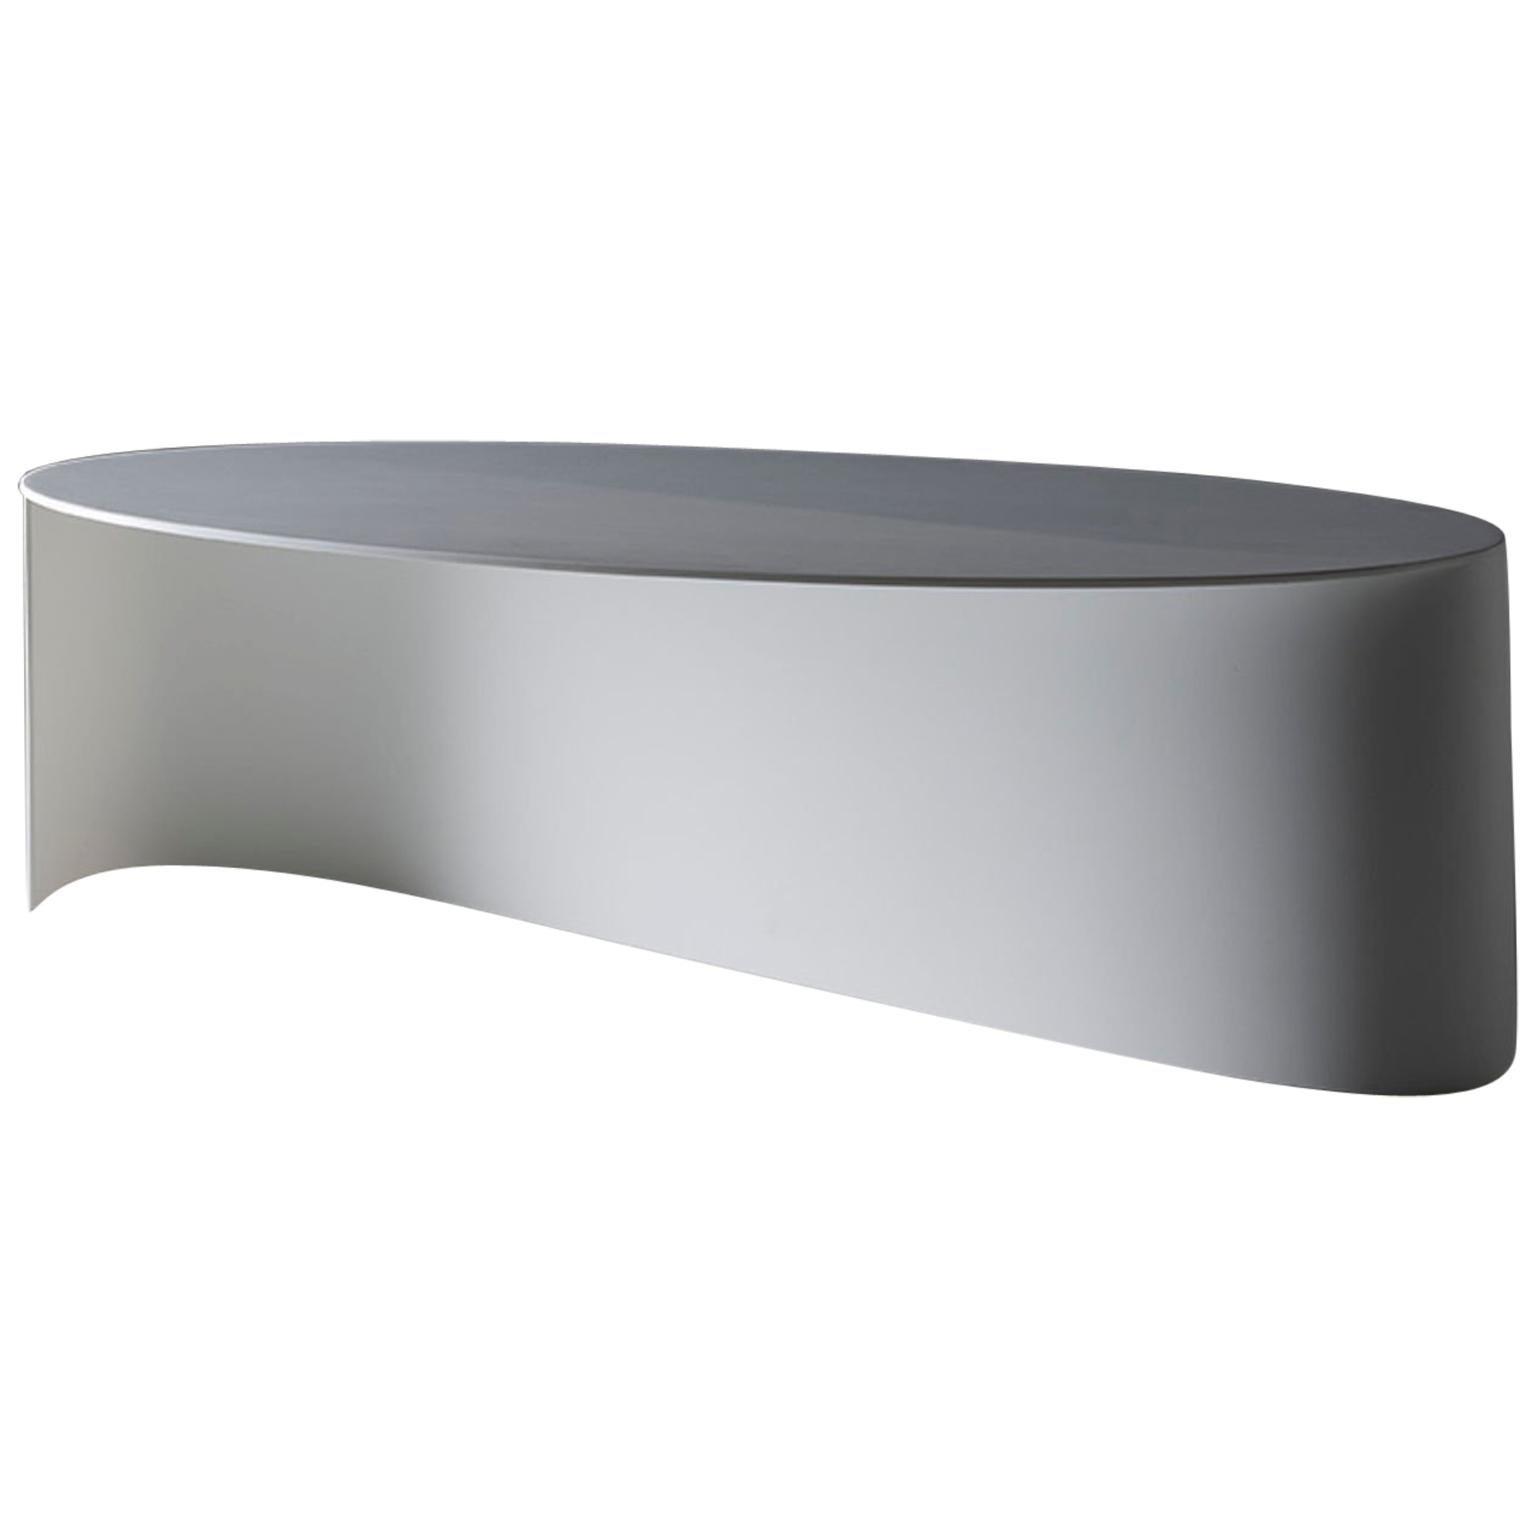 Modern Sculptural Table by Sebastiano Bottos, Italia